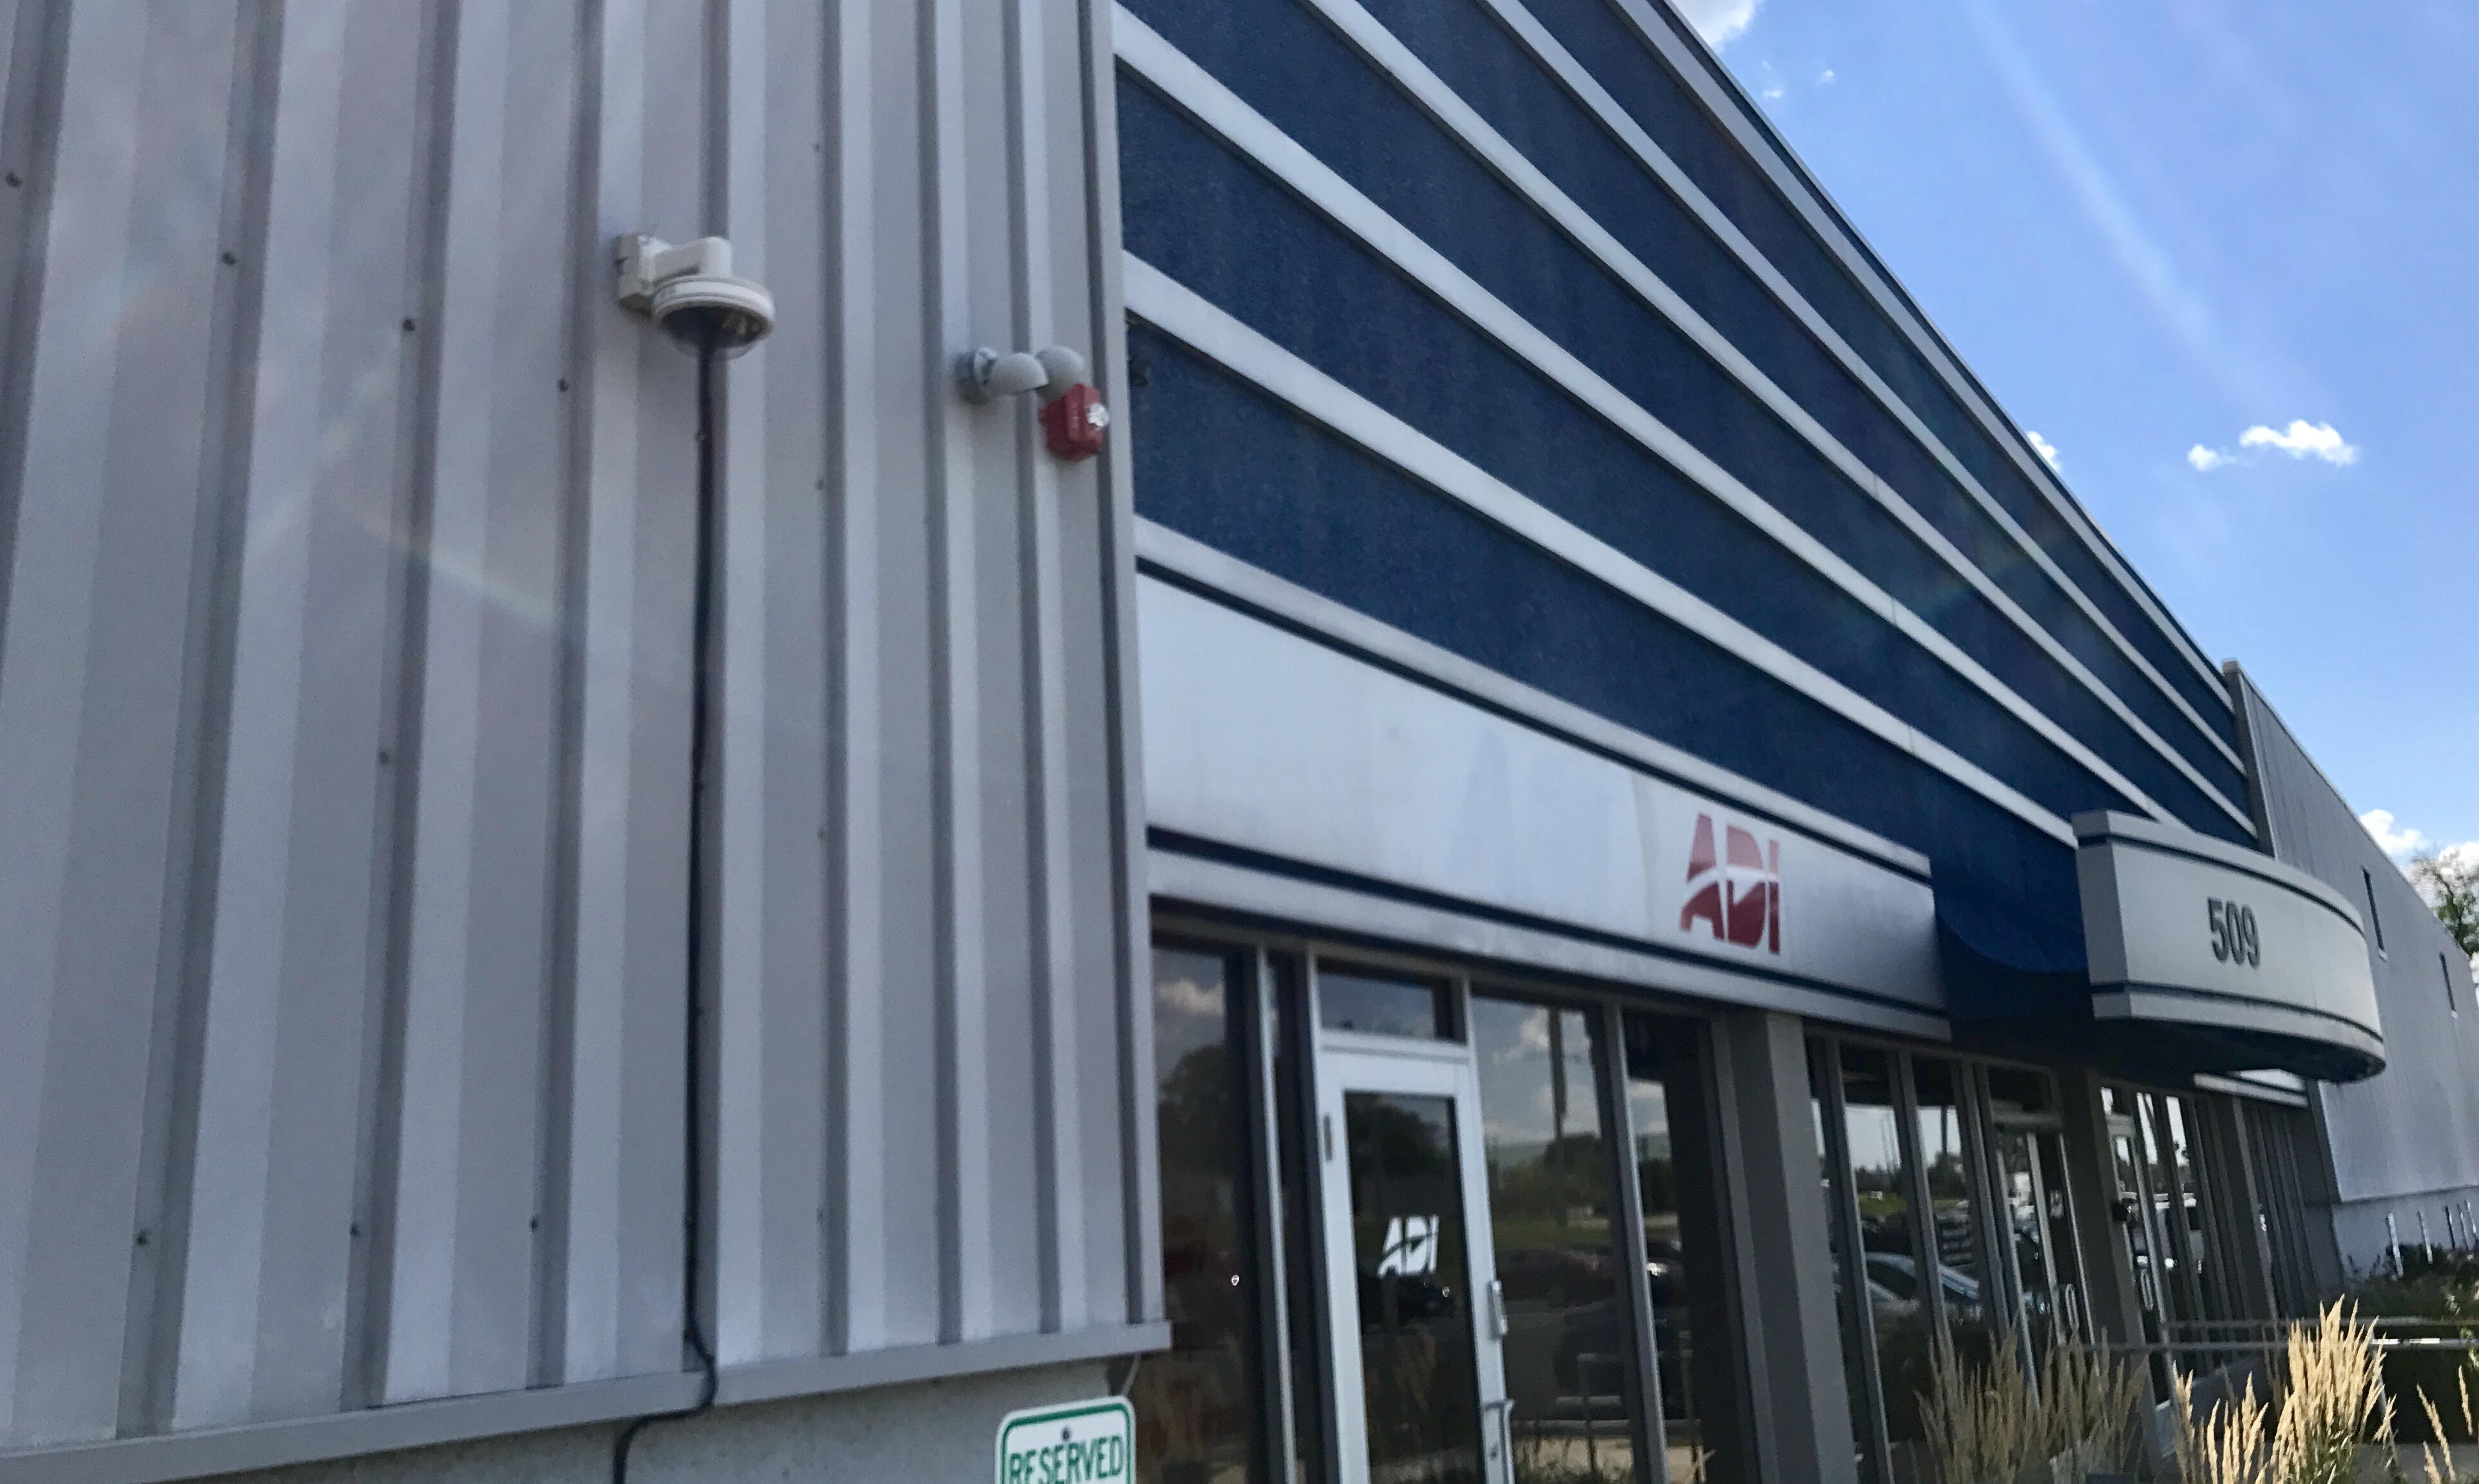 ADI office, Chicago, IL